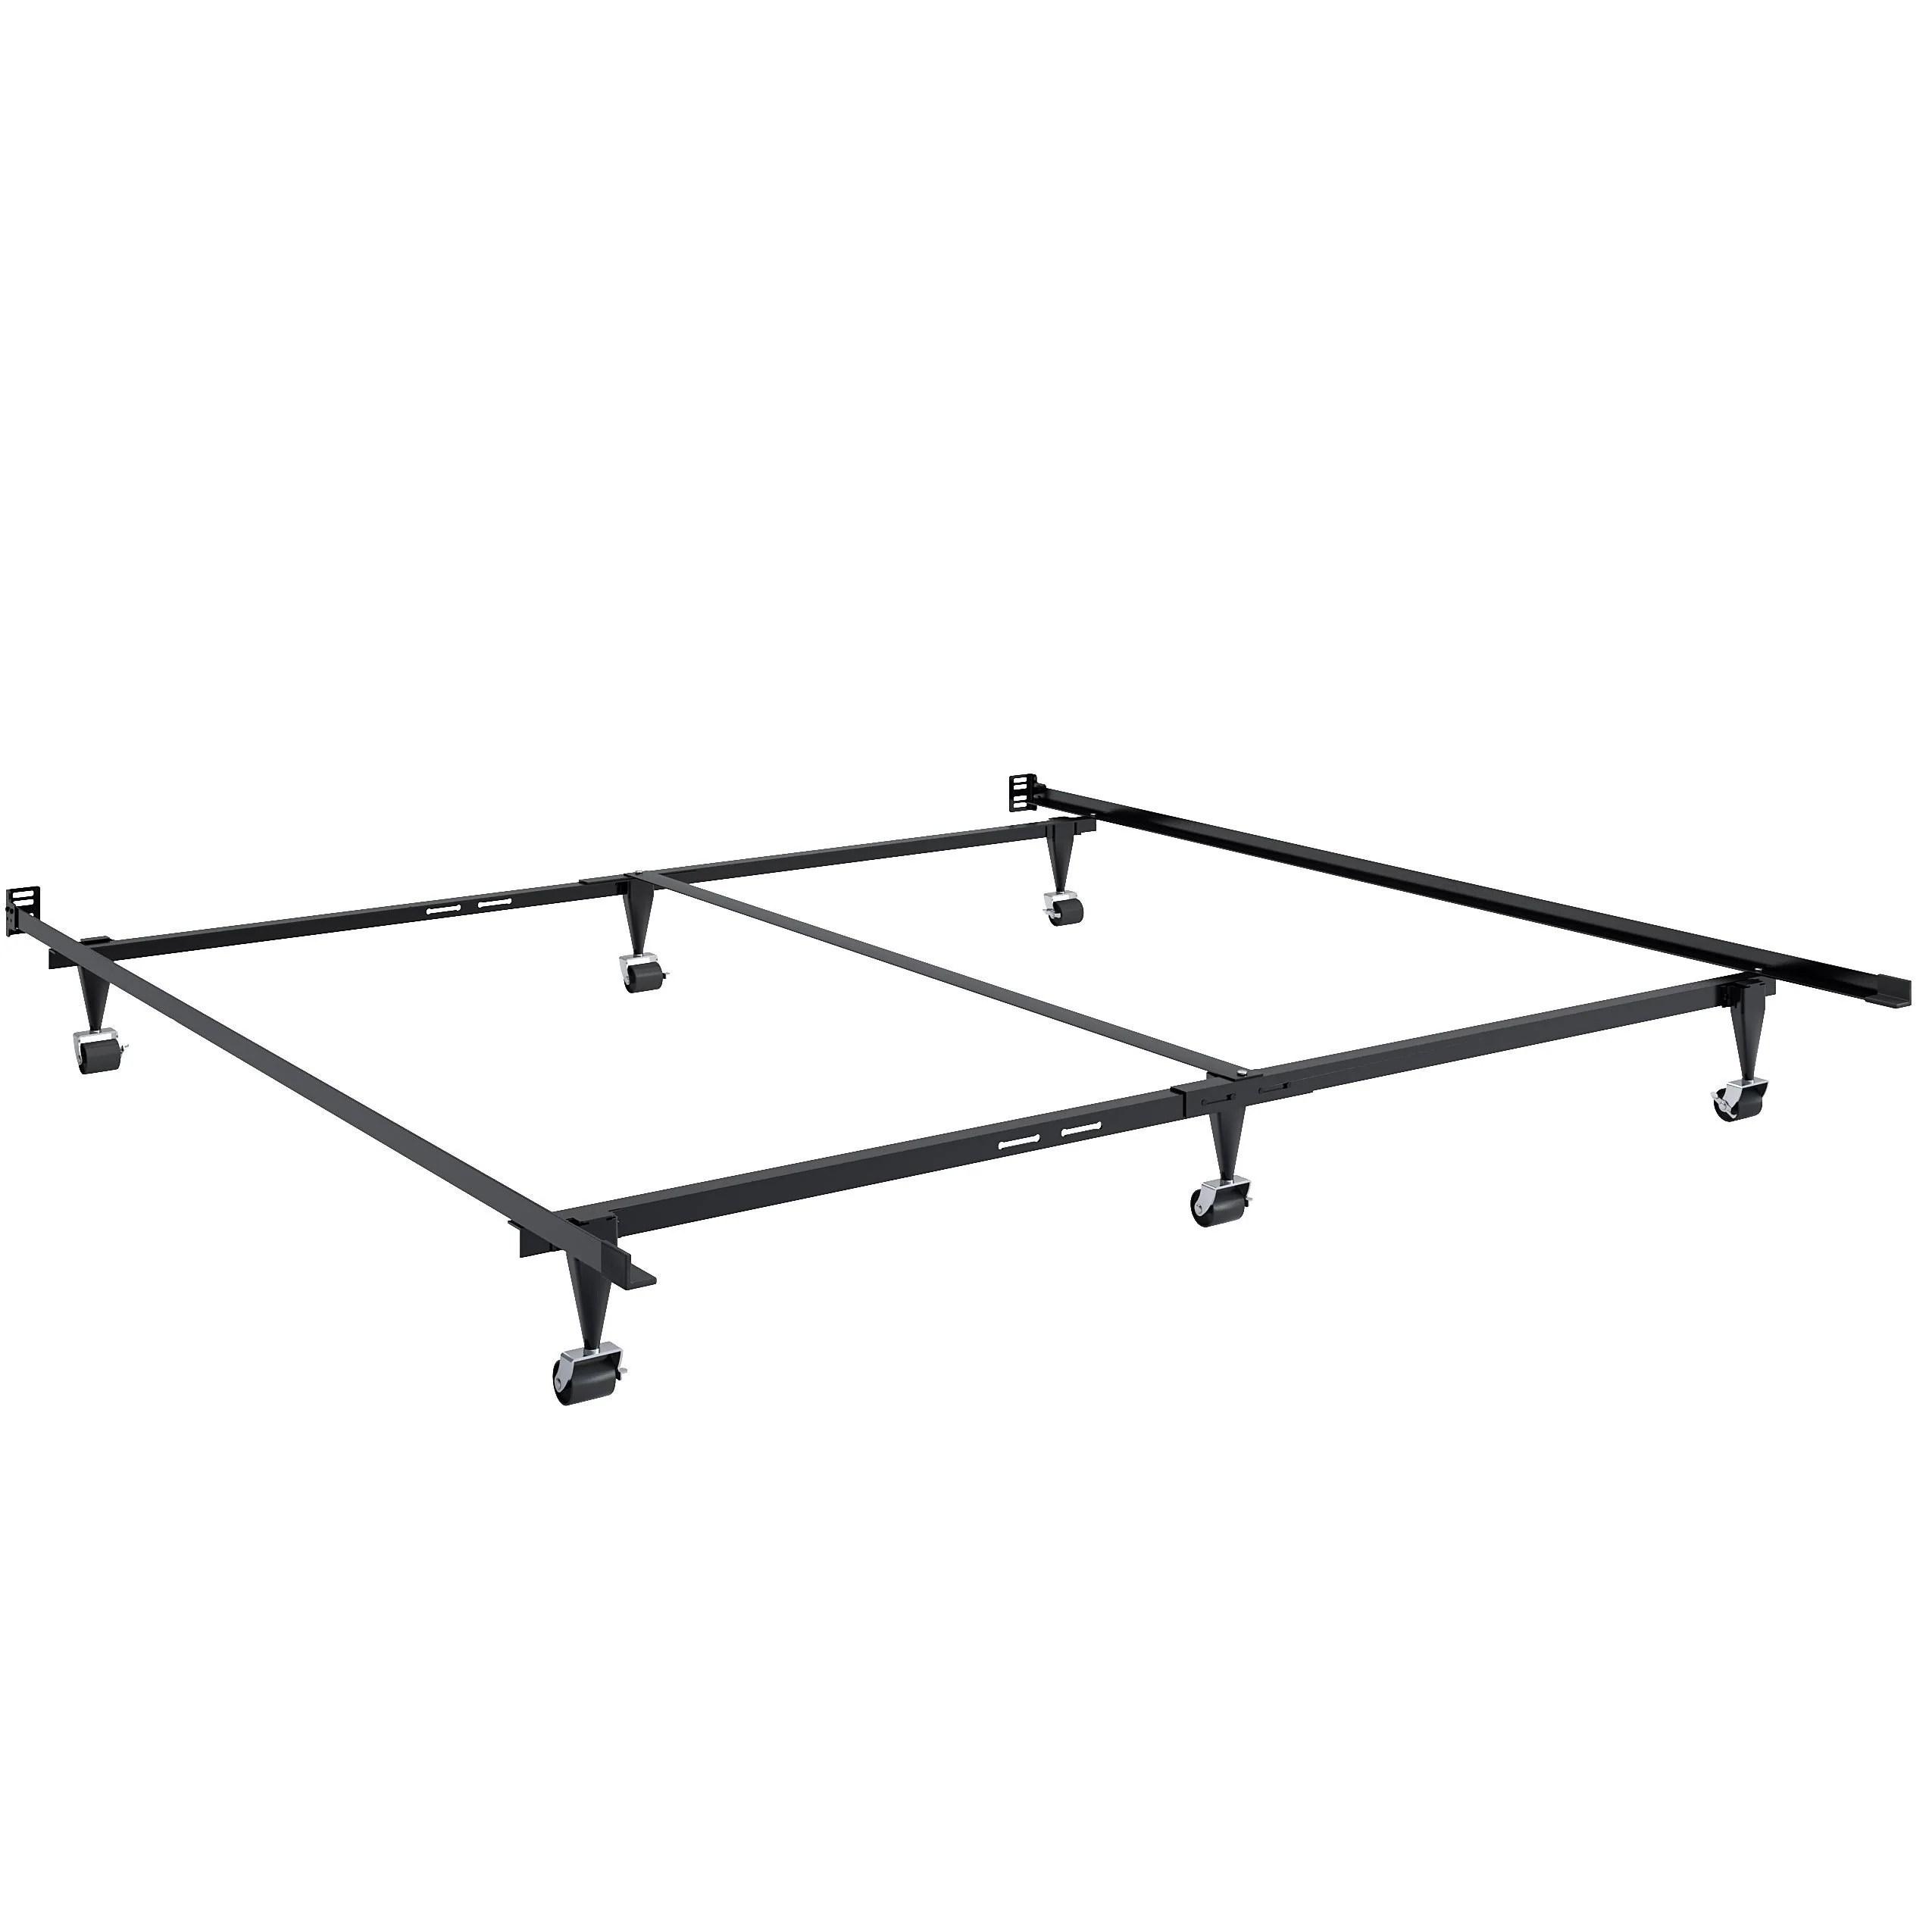 Adjustable Queen Or King Metal Bed Frame Corliving Furniture Us